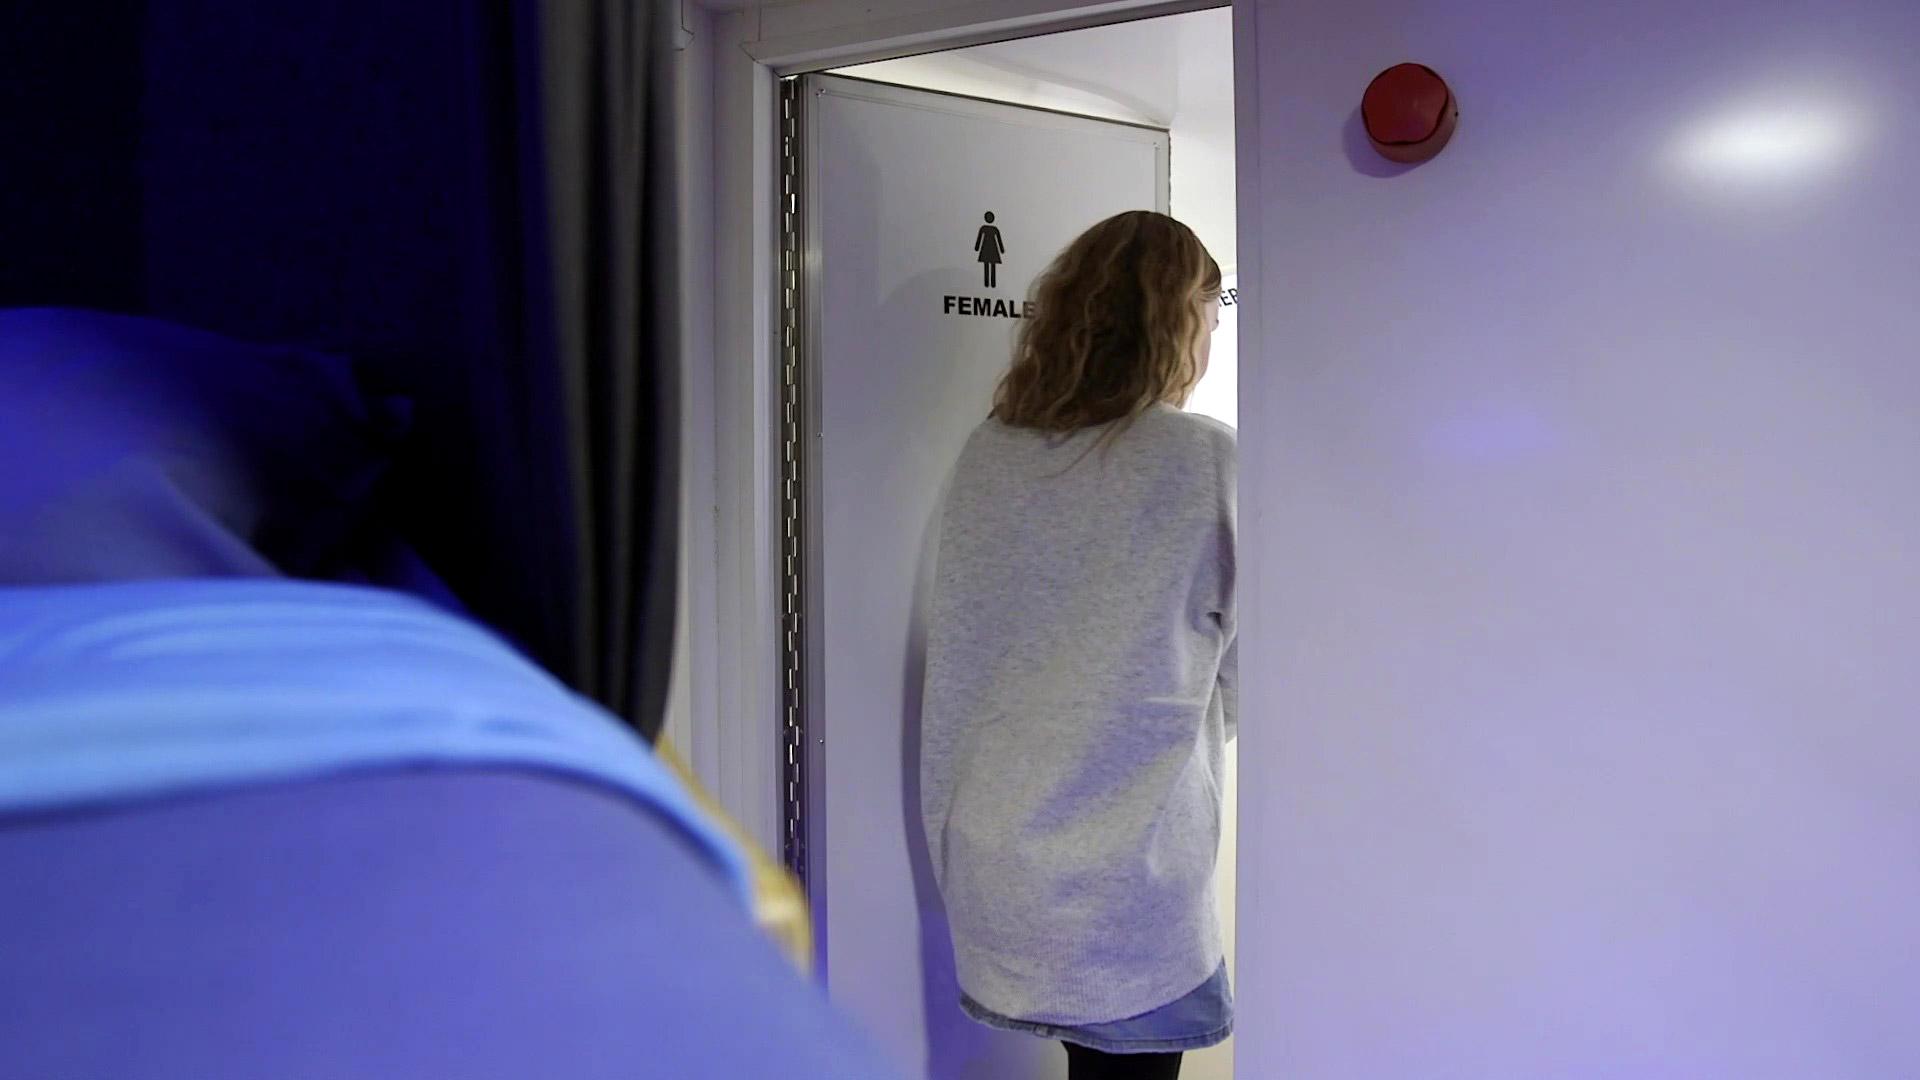 Bedroam-bathroom-door.jpg